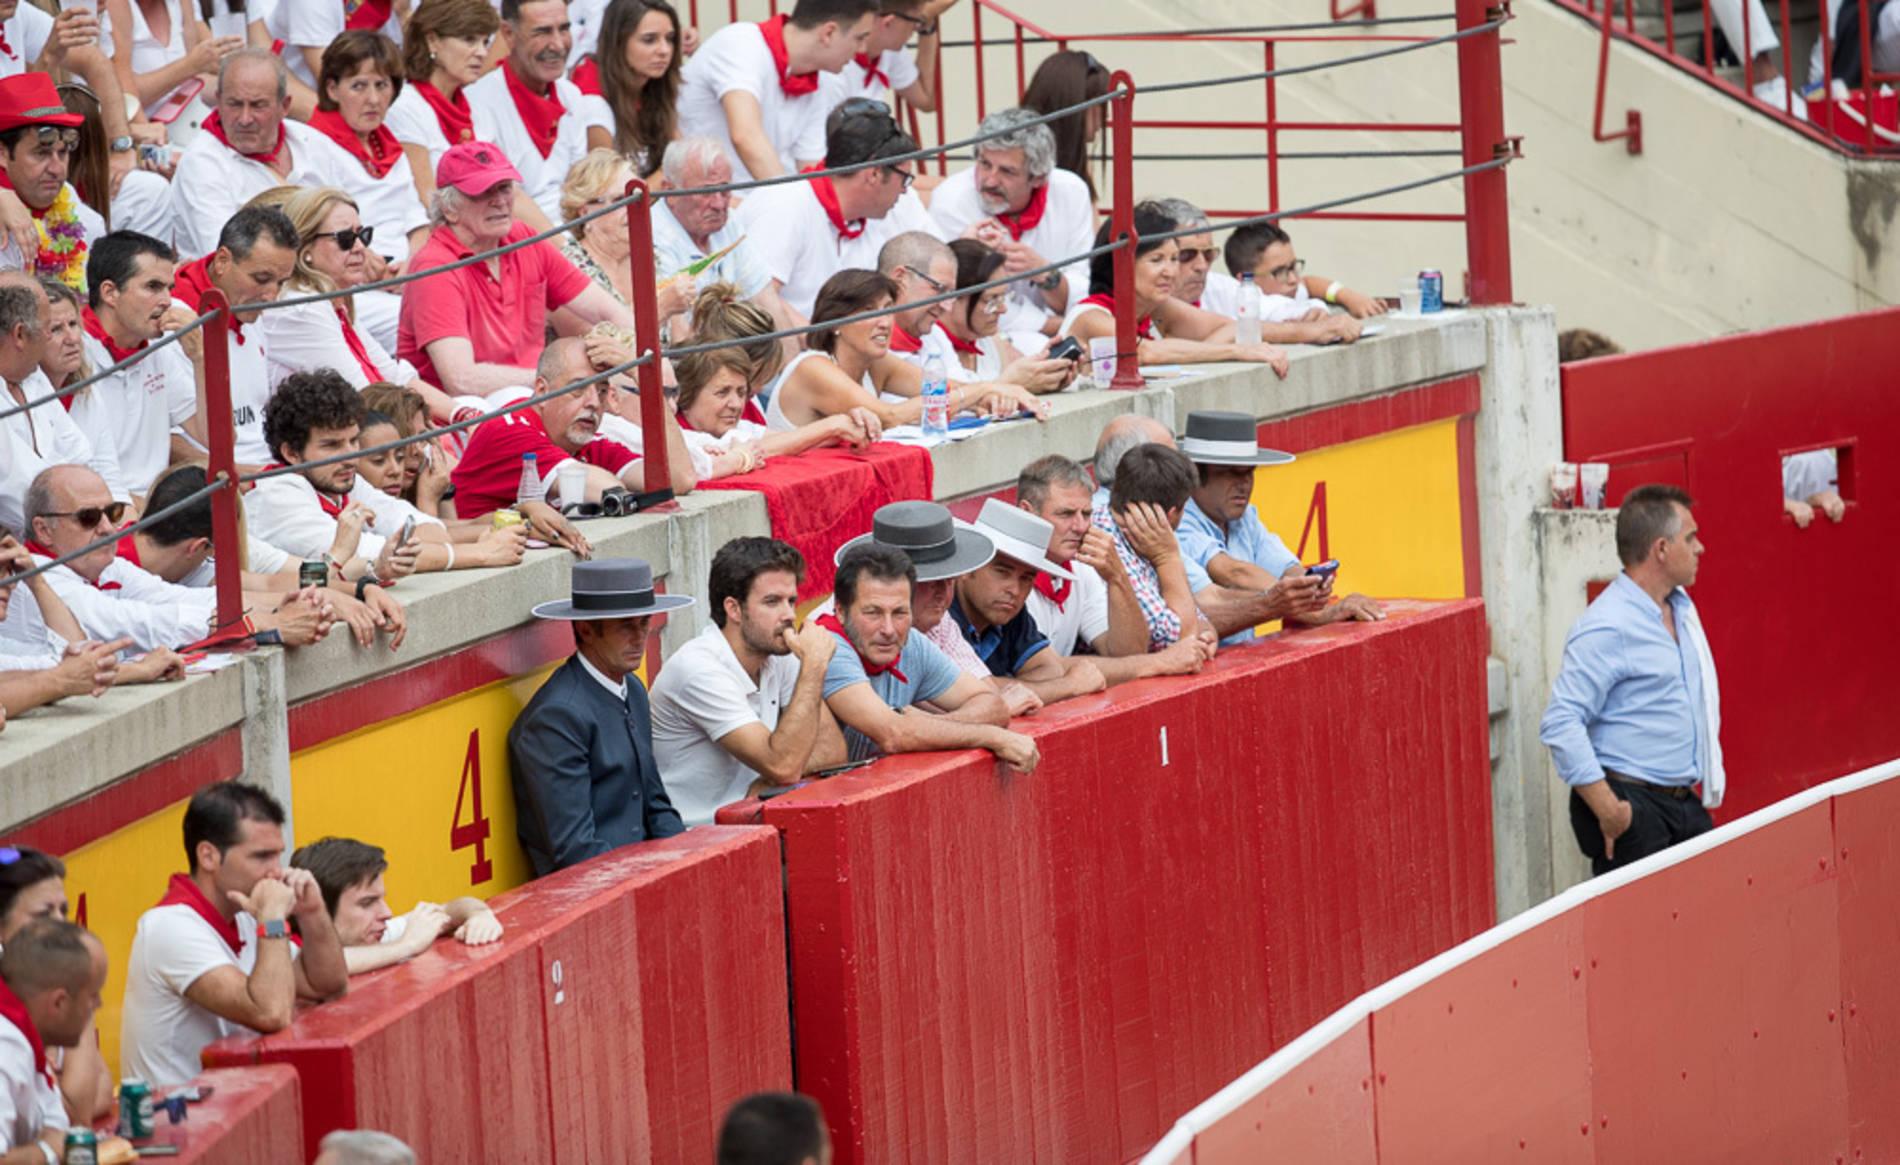 Búscate en el tendido de la corrida del día 7 (1/228) - Ambiente en la plaza de toros en la primera corrida de los Sanfermines 2017. - Destacados -